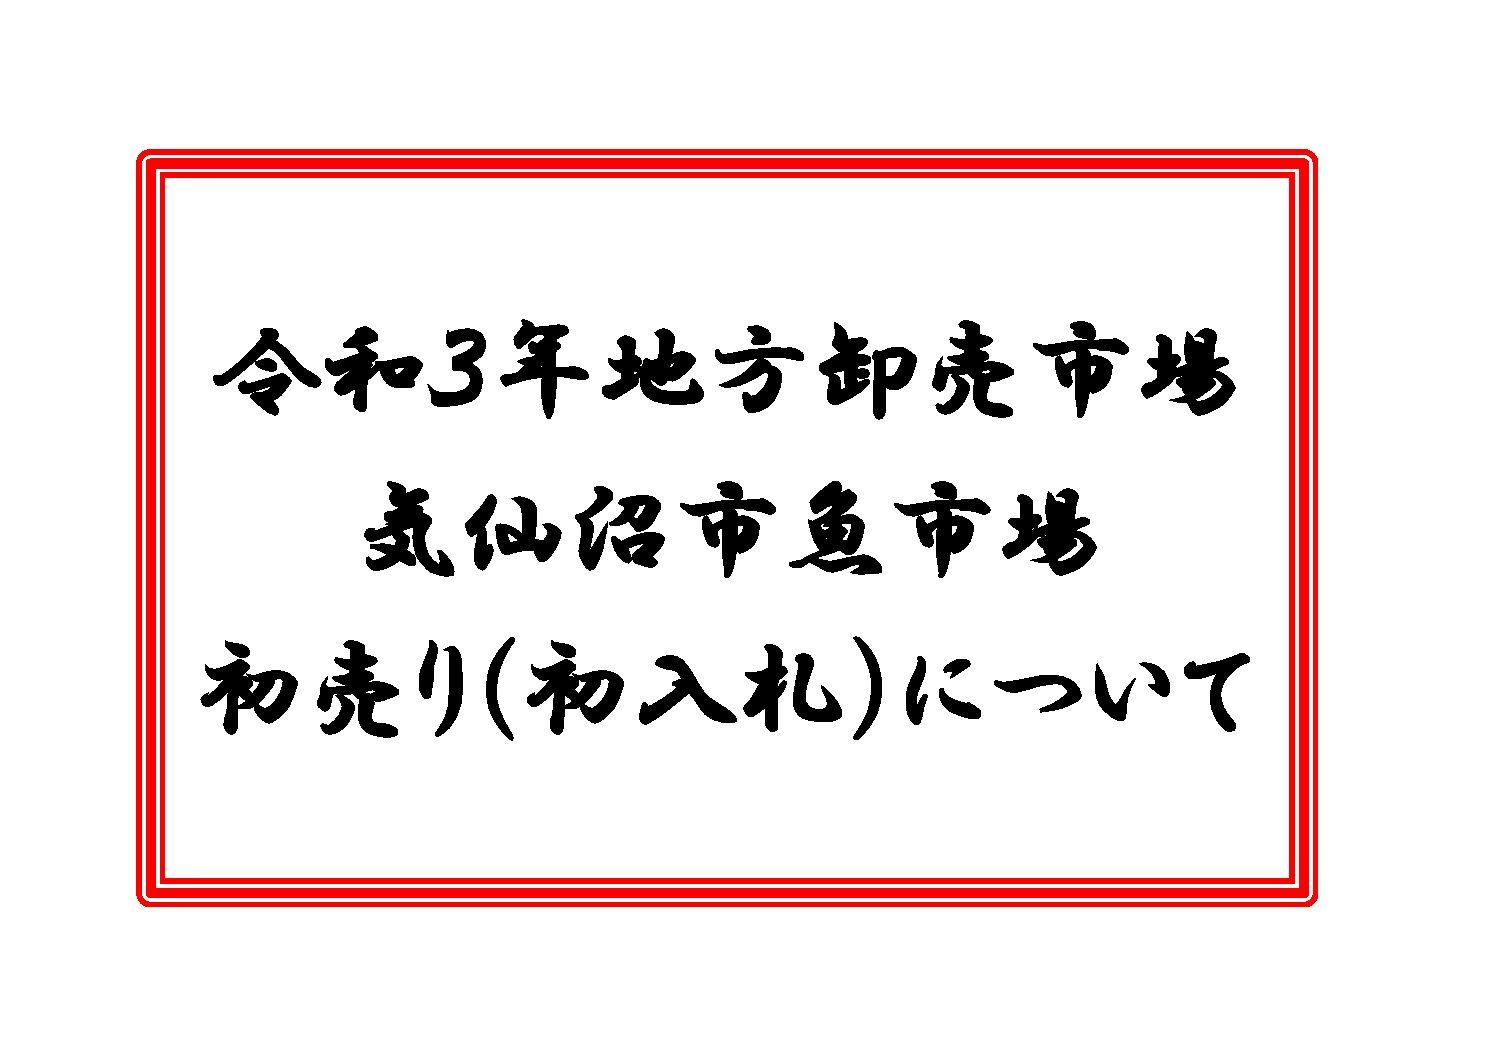 令和3年気仙沼市魚市場初売り(初入札)開催のお知らせ